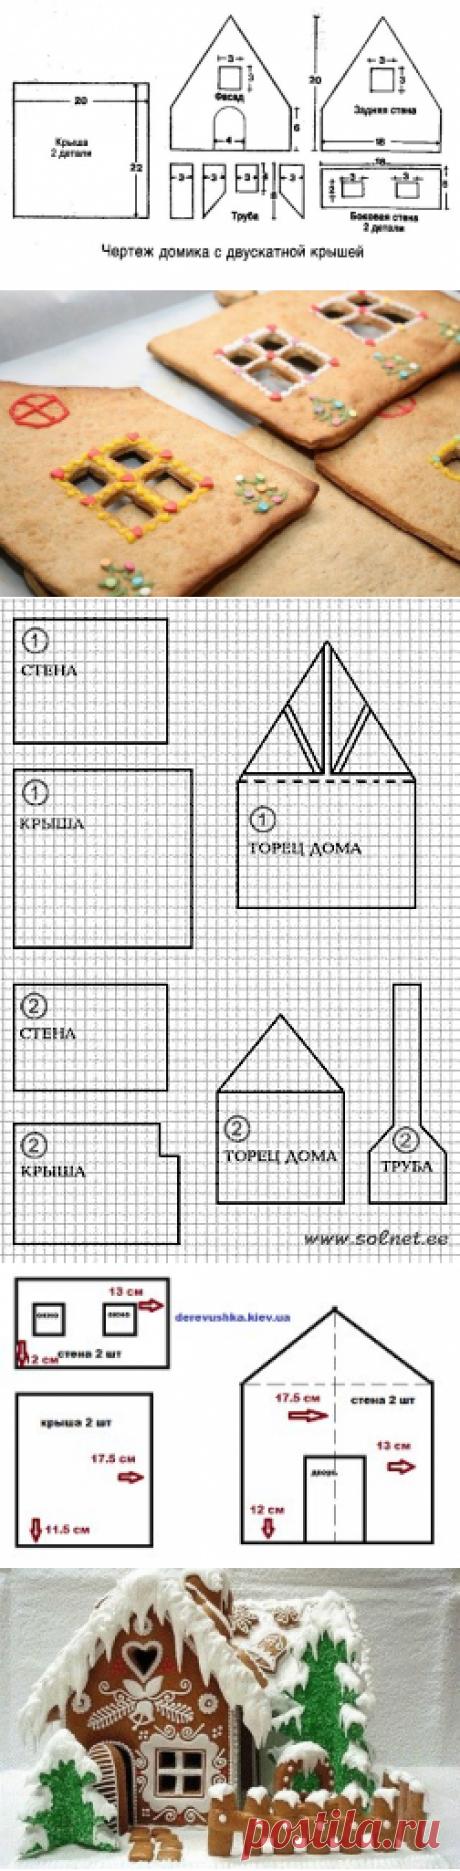 Пряничный домик. Рецепты с пошаговыми фото + видео мастер-классы | Домохозяйка